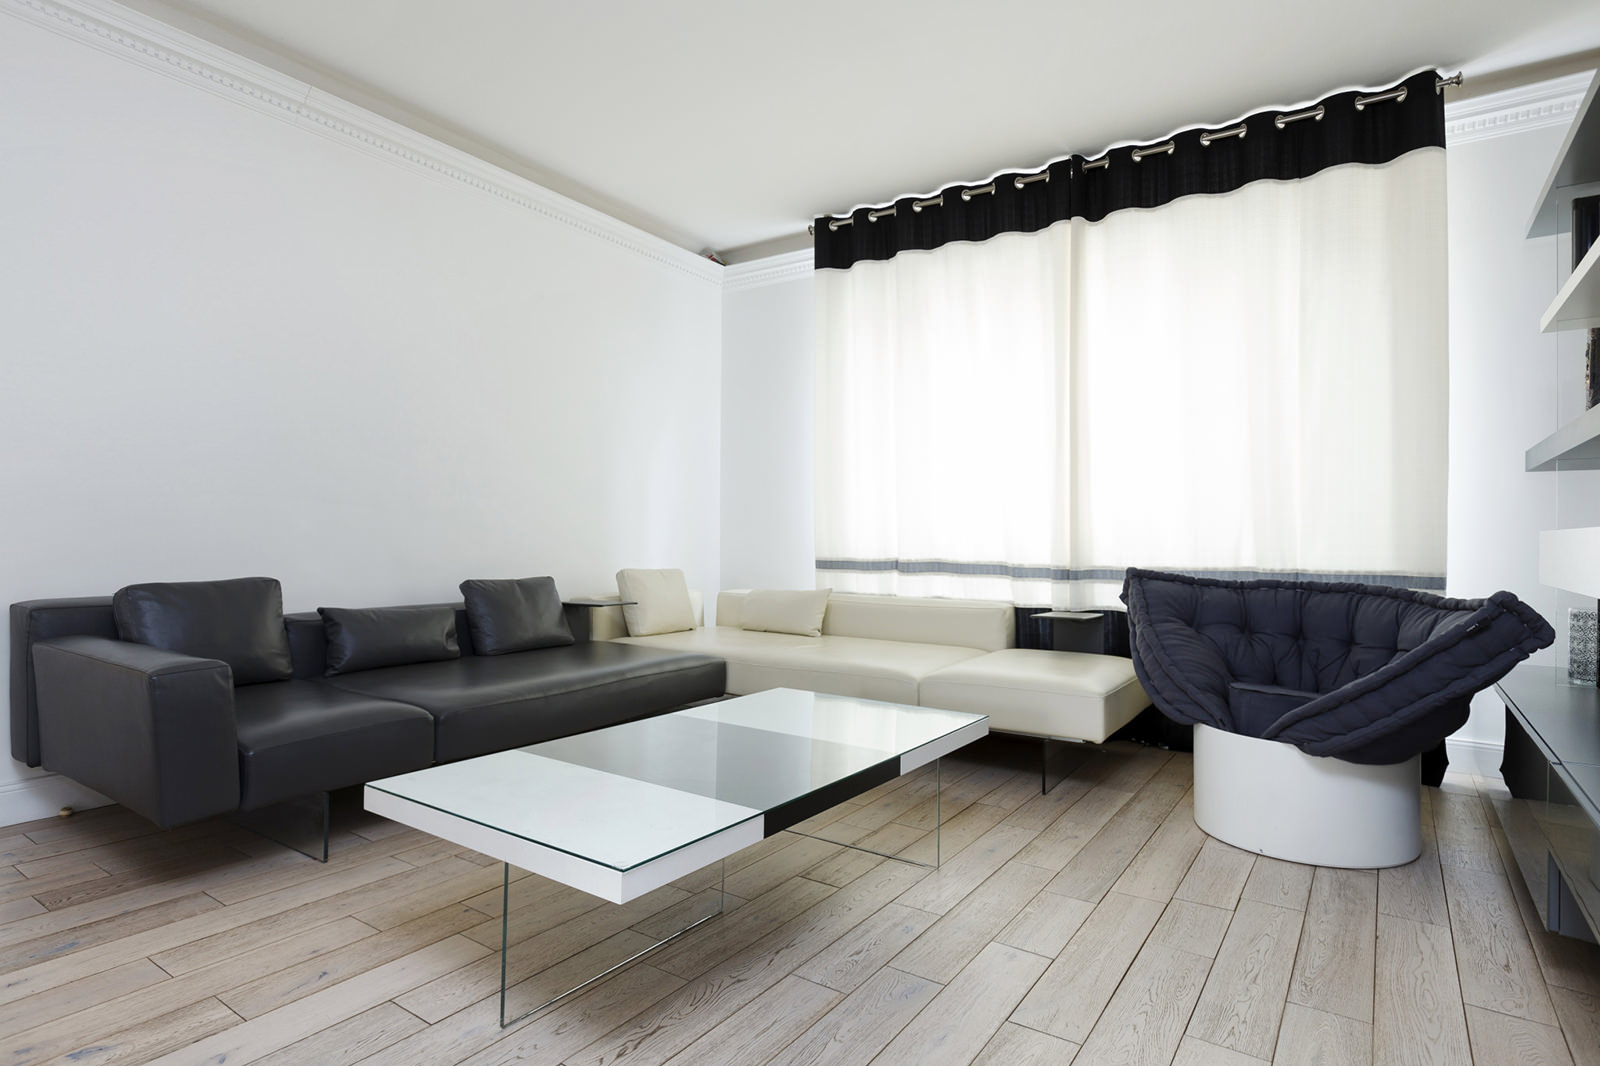 Интерьер гостиной в черно-белых тонах: